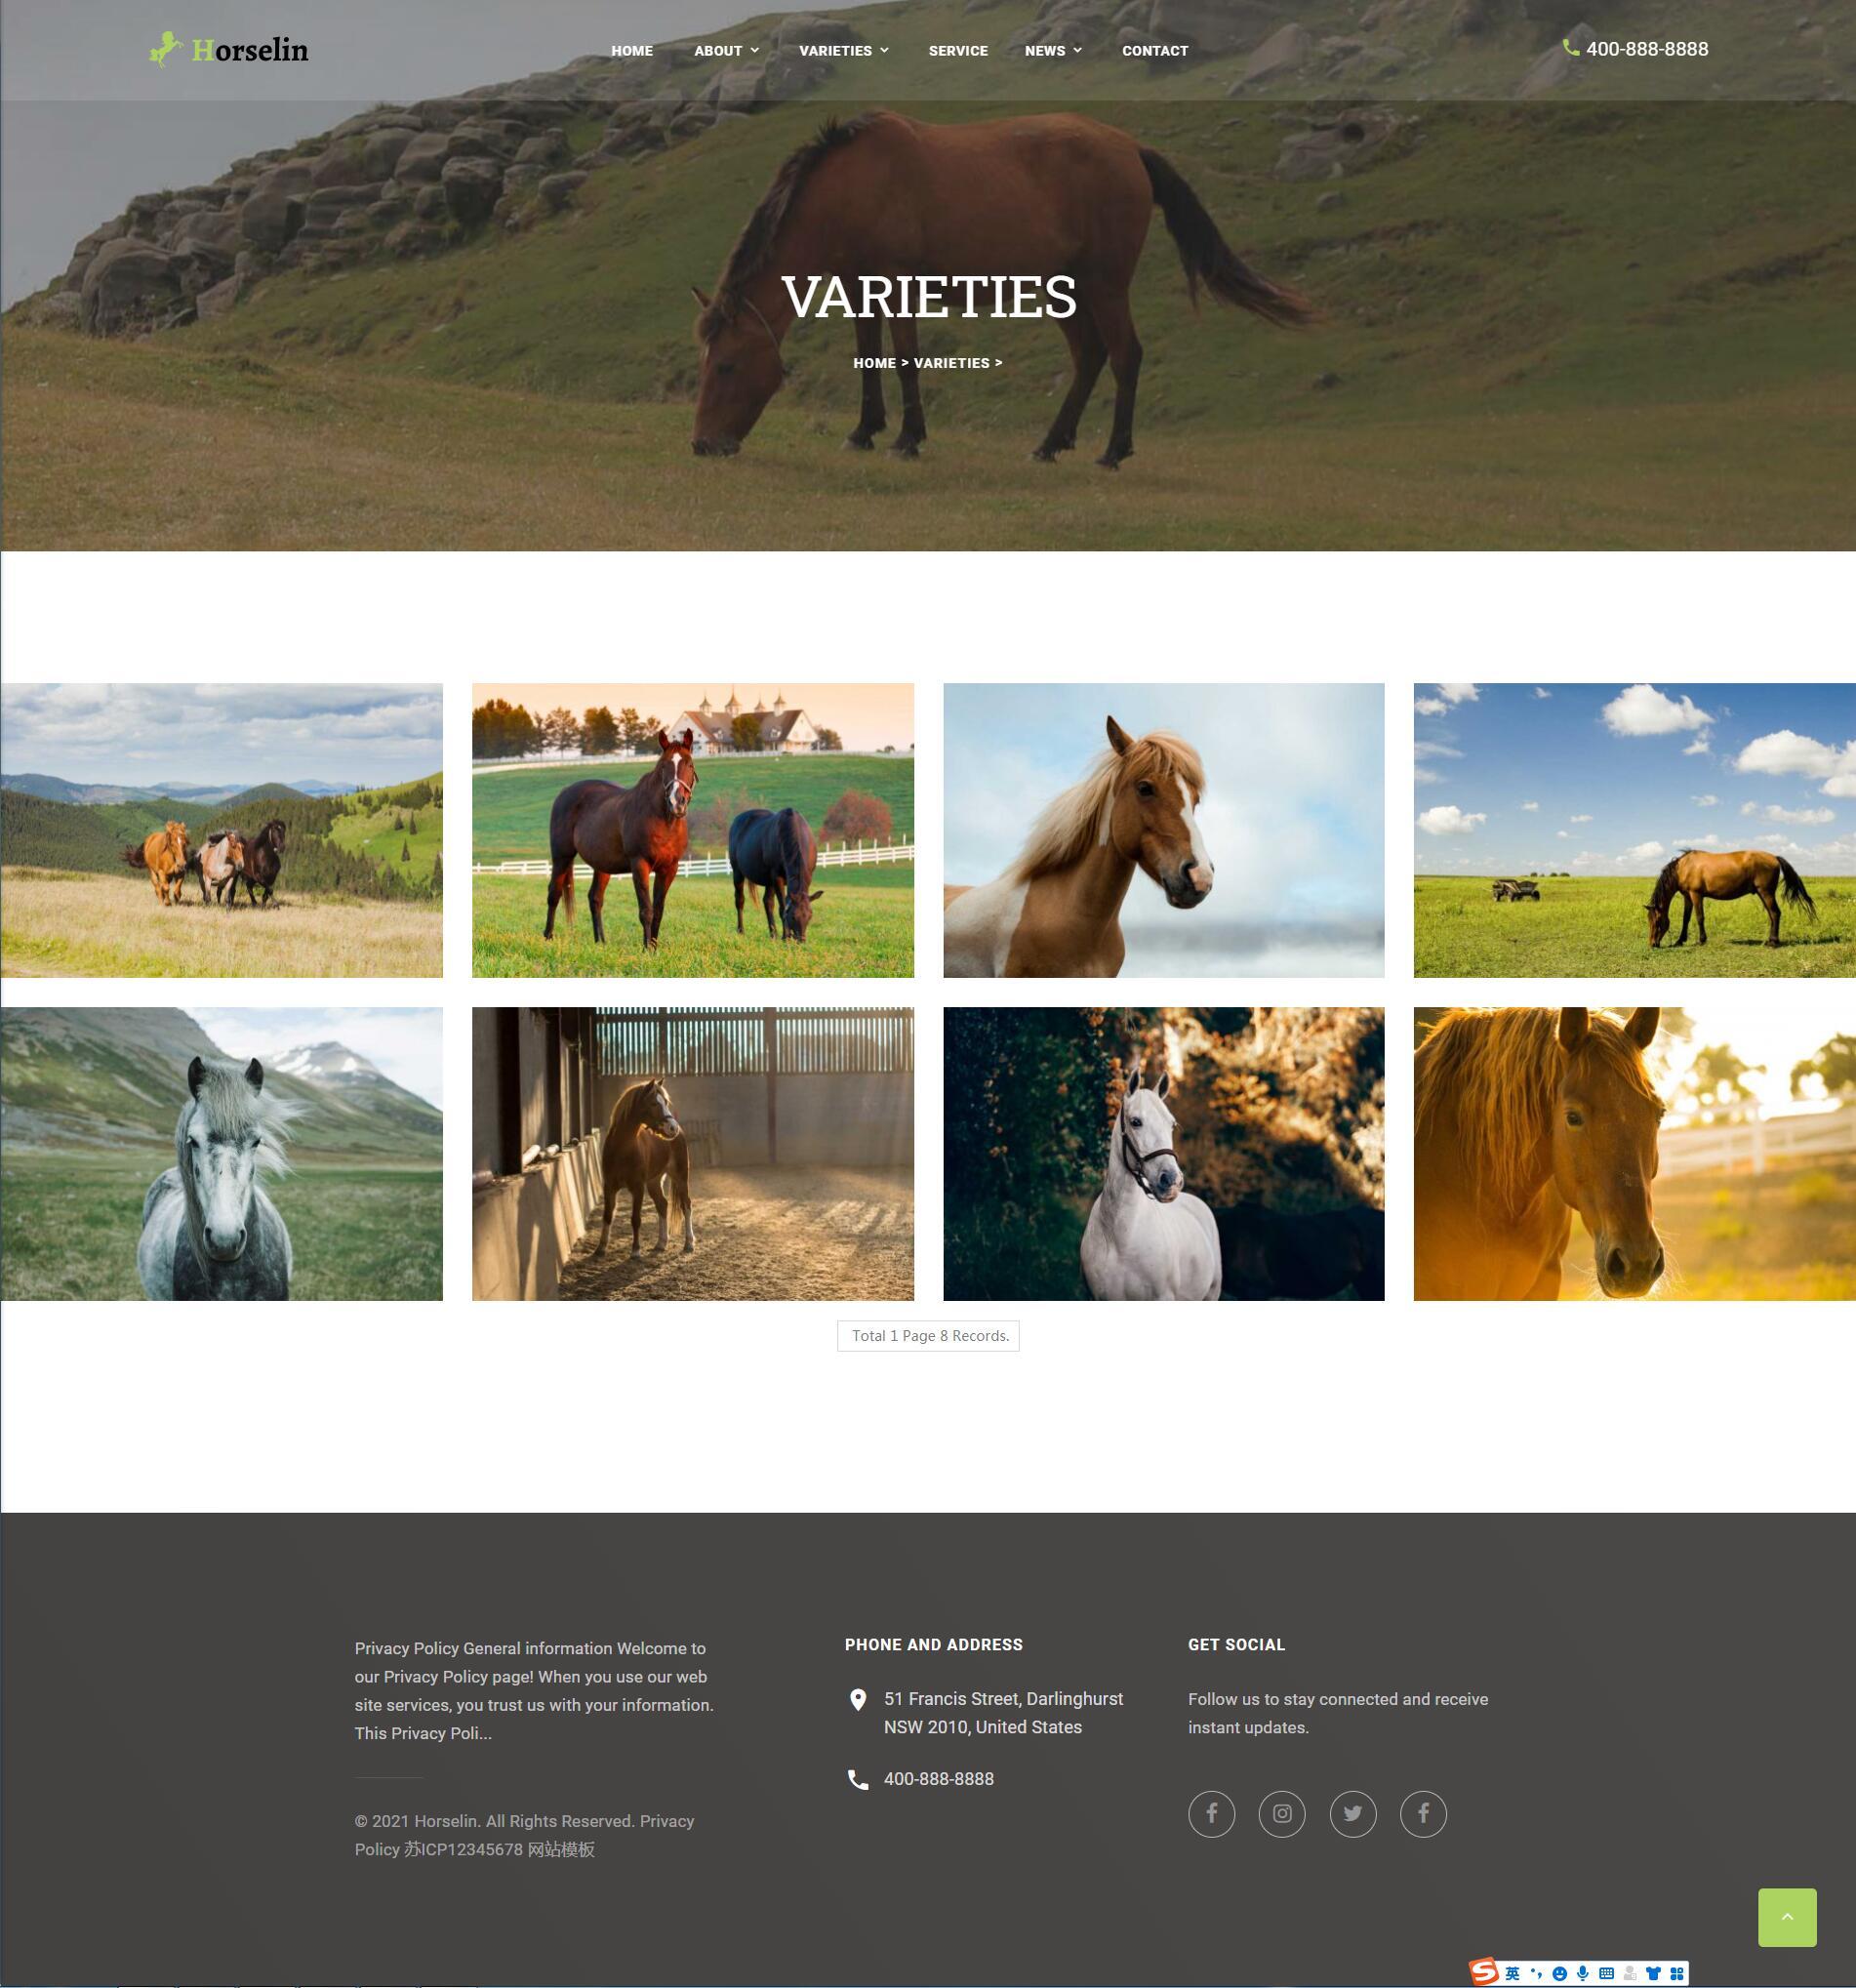 织梦dedecms响应式马匹饲养养殖场养马场畜牧业网站模板 自适应手机端